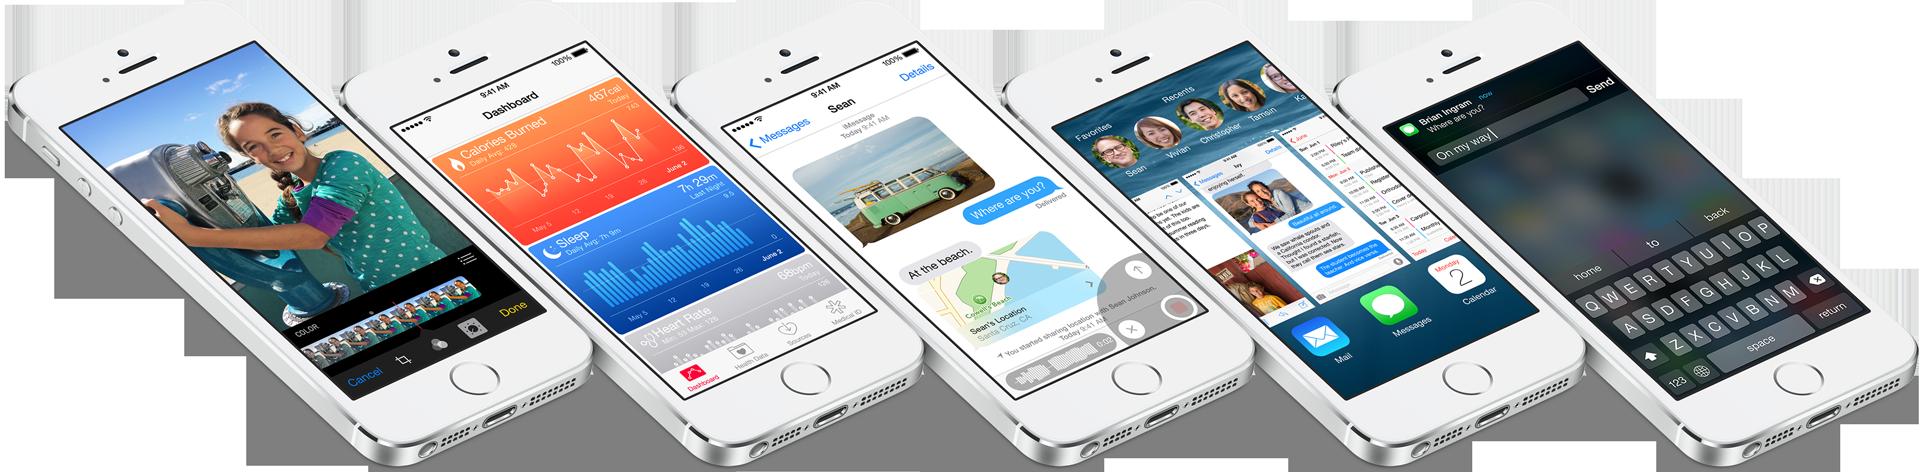 Jest już iOS 8.0.1, ale w żadnym wypadku nie instalujcie! AKTUALIZACJA: iOS 8.0.1 został wycofany. Podajemy sposób naprawy iPhone'a 6